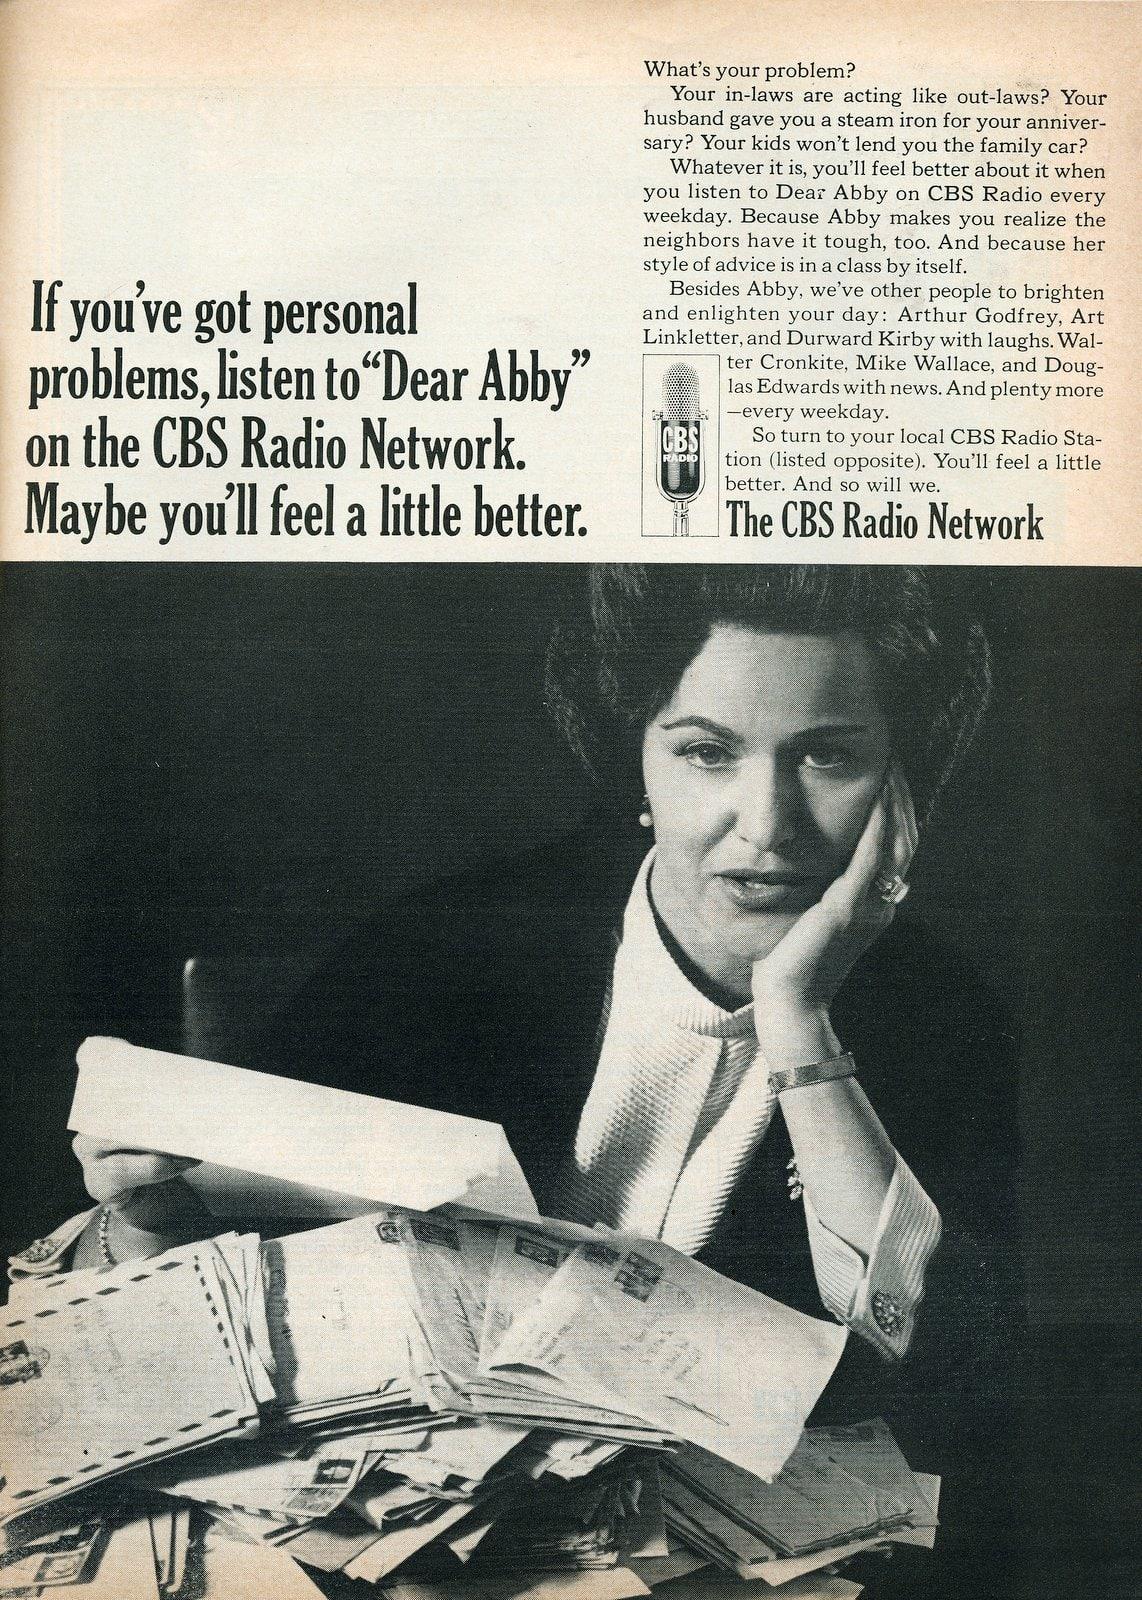 Dear Abby on the CBS Radio Network